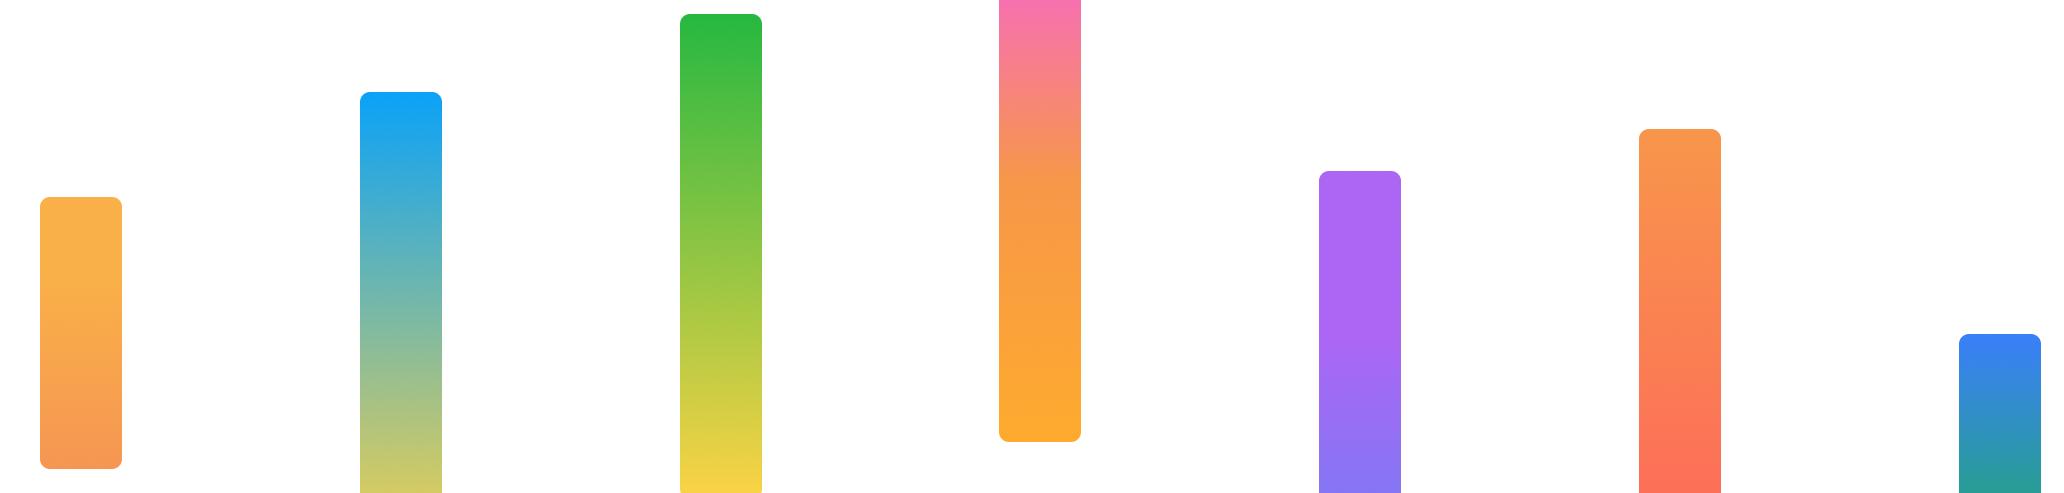 Features der Apple Card im Überblick, Apple Card, Kreditkarte von Apple, Apple Card Verfügbarkeit, Apple Card verstecke Kosten, Apple Card Daily Cash, Hack4Life, Fabian Geissler, Informationen, Apple Card Deutschland, Apple Card Österreich, Apple Card Schweiz